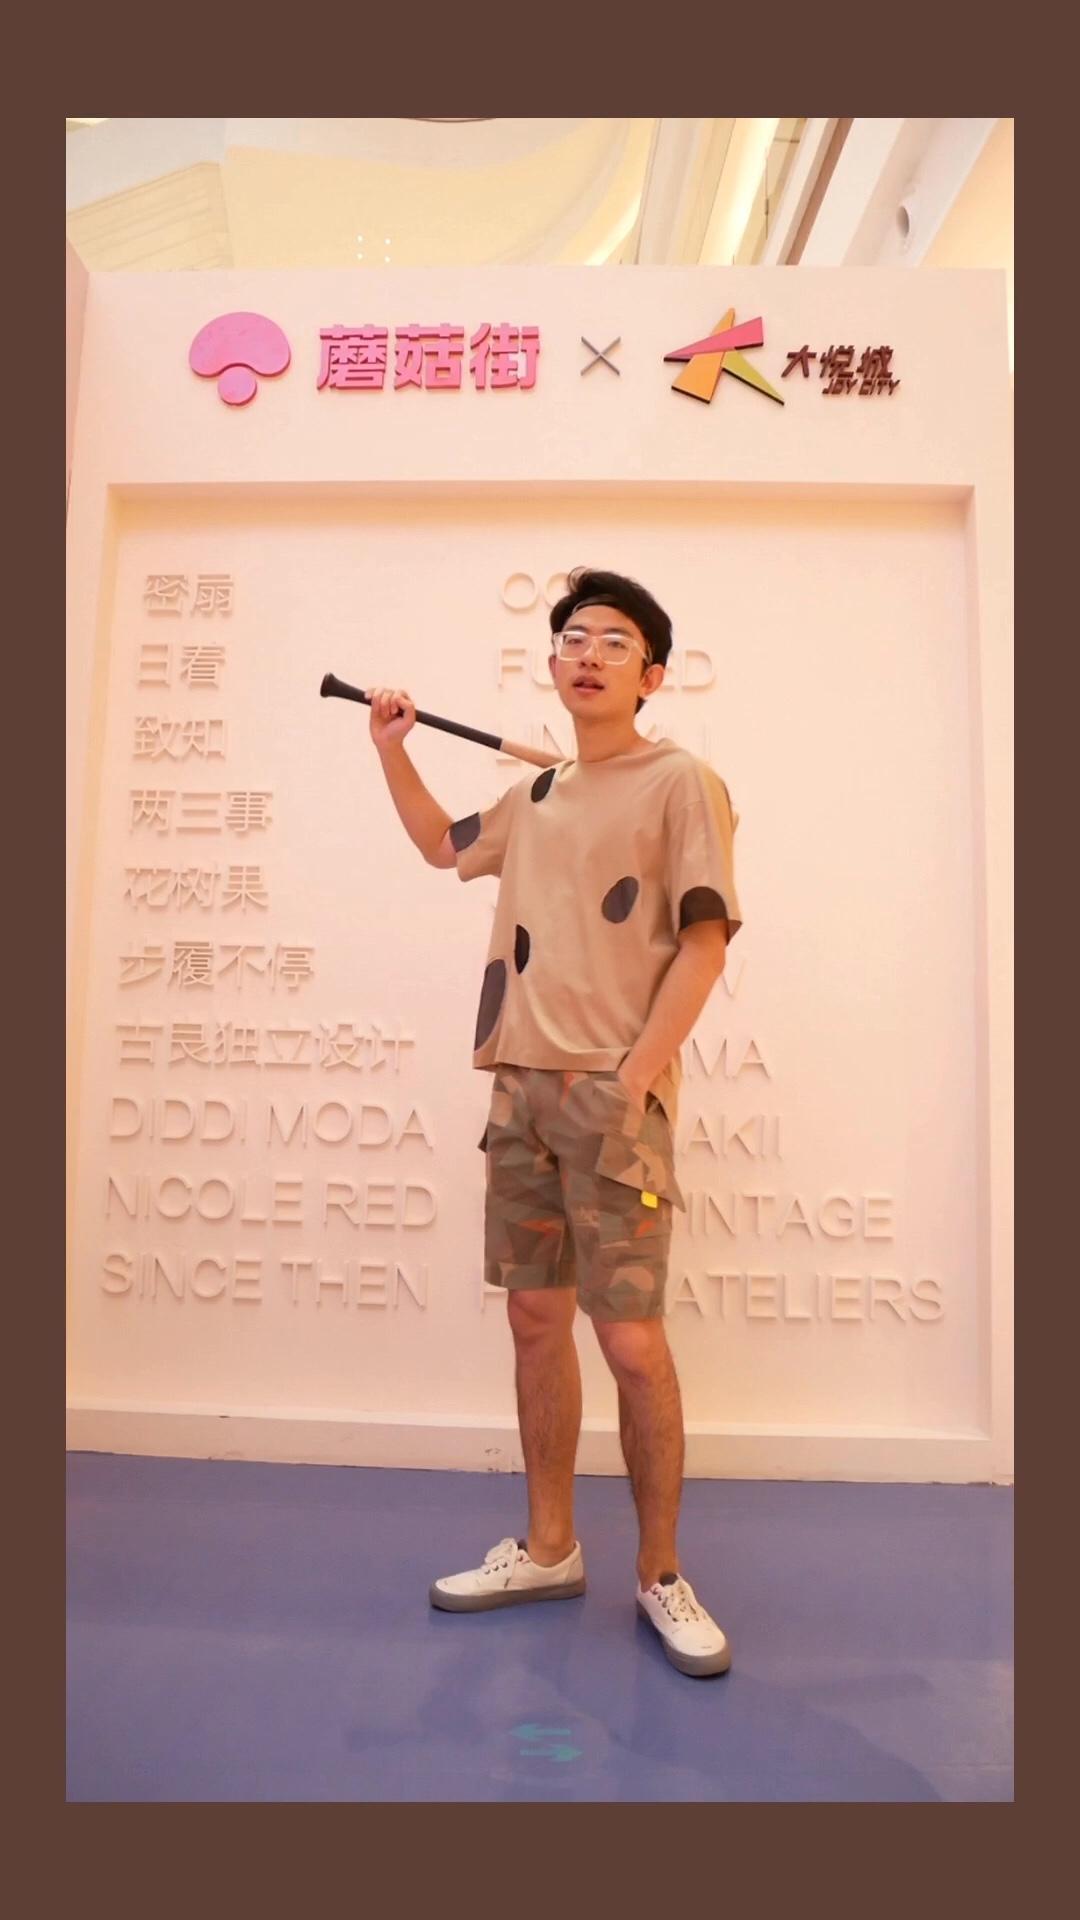 #MOGU STUDIO x 杭州大悦城 线下搭配店# em...迷彩短裤可以搭配浅棕色的短袖T恤 两种颜色比较相近 配起来也更舒服一点  简单舒服的短款搭配更适合五一出游 到哪都是清凉的感觉!